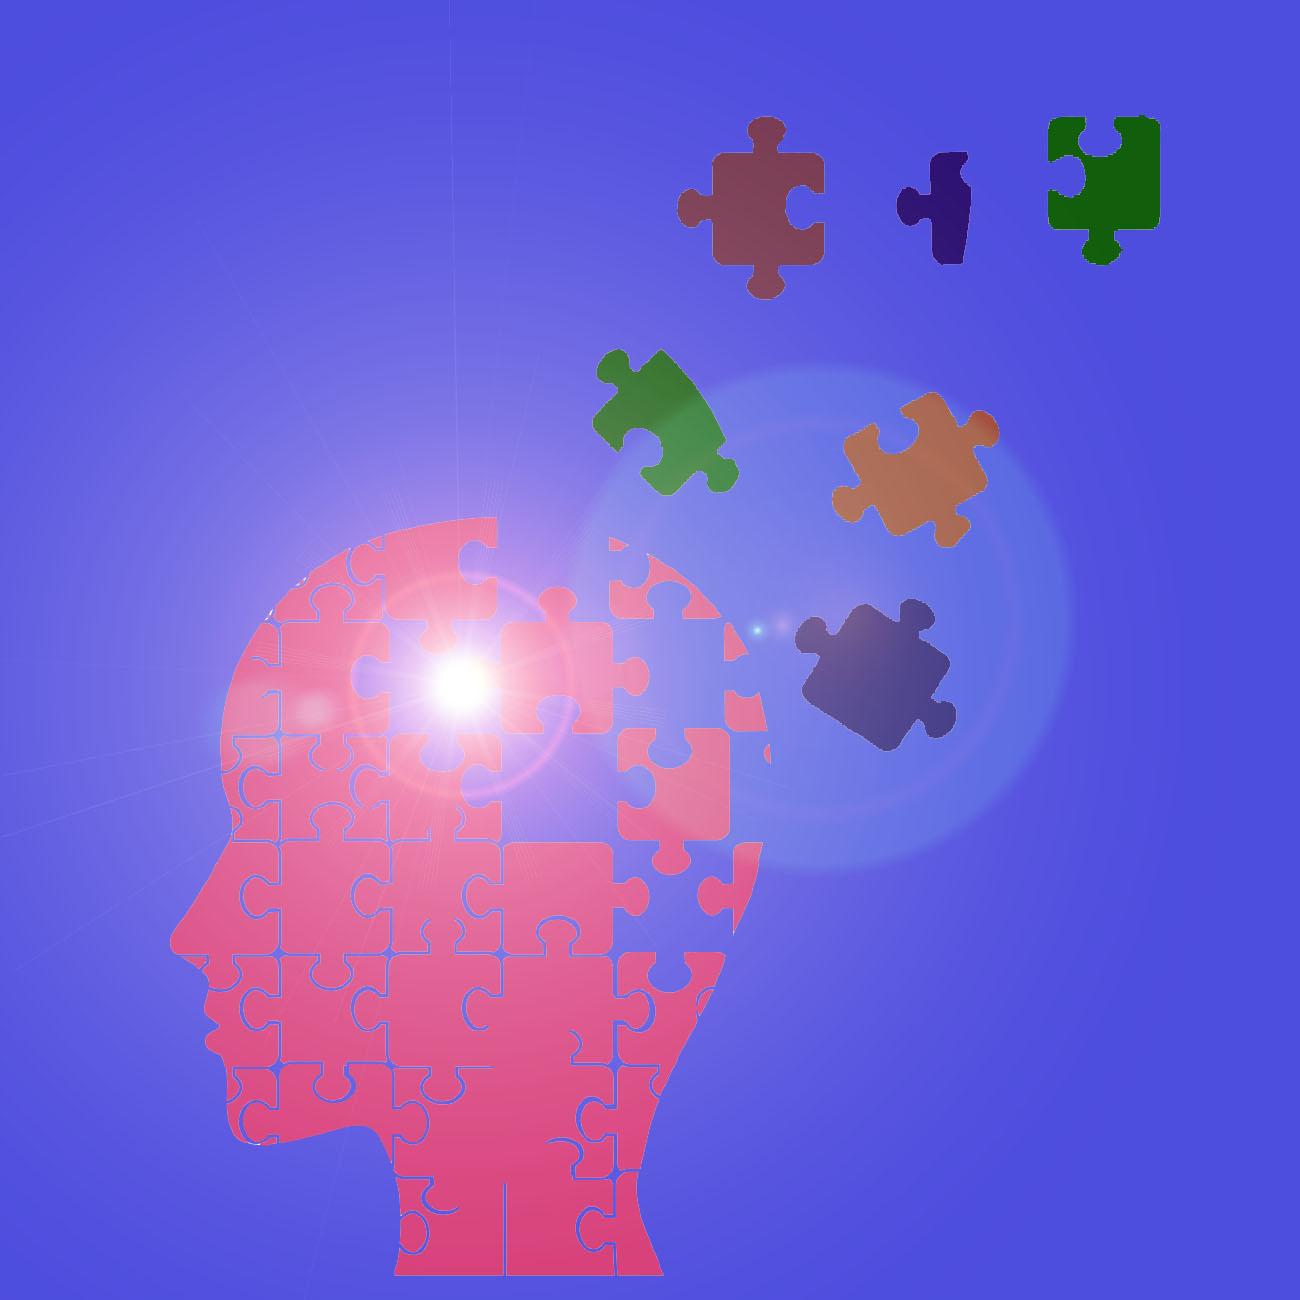 Cognitive Decline -